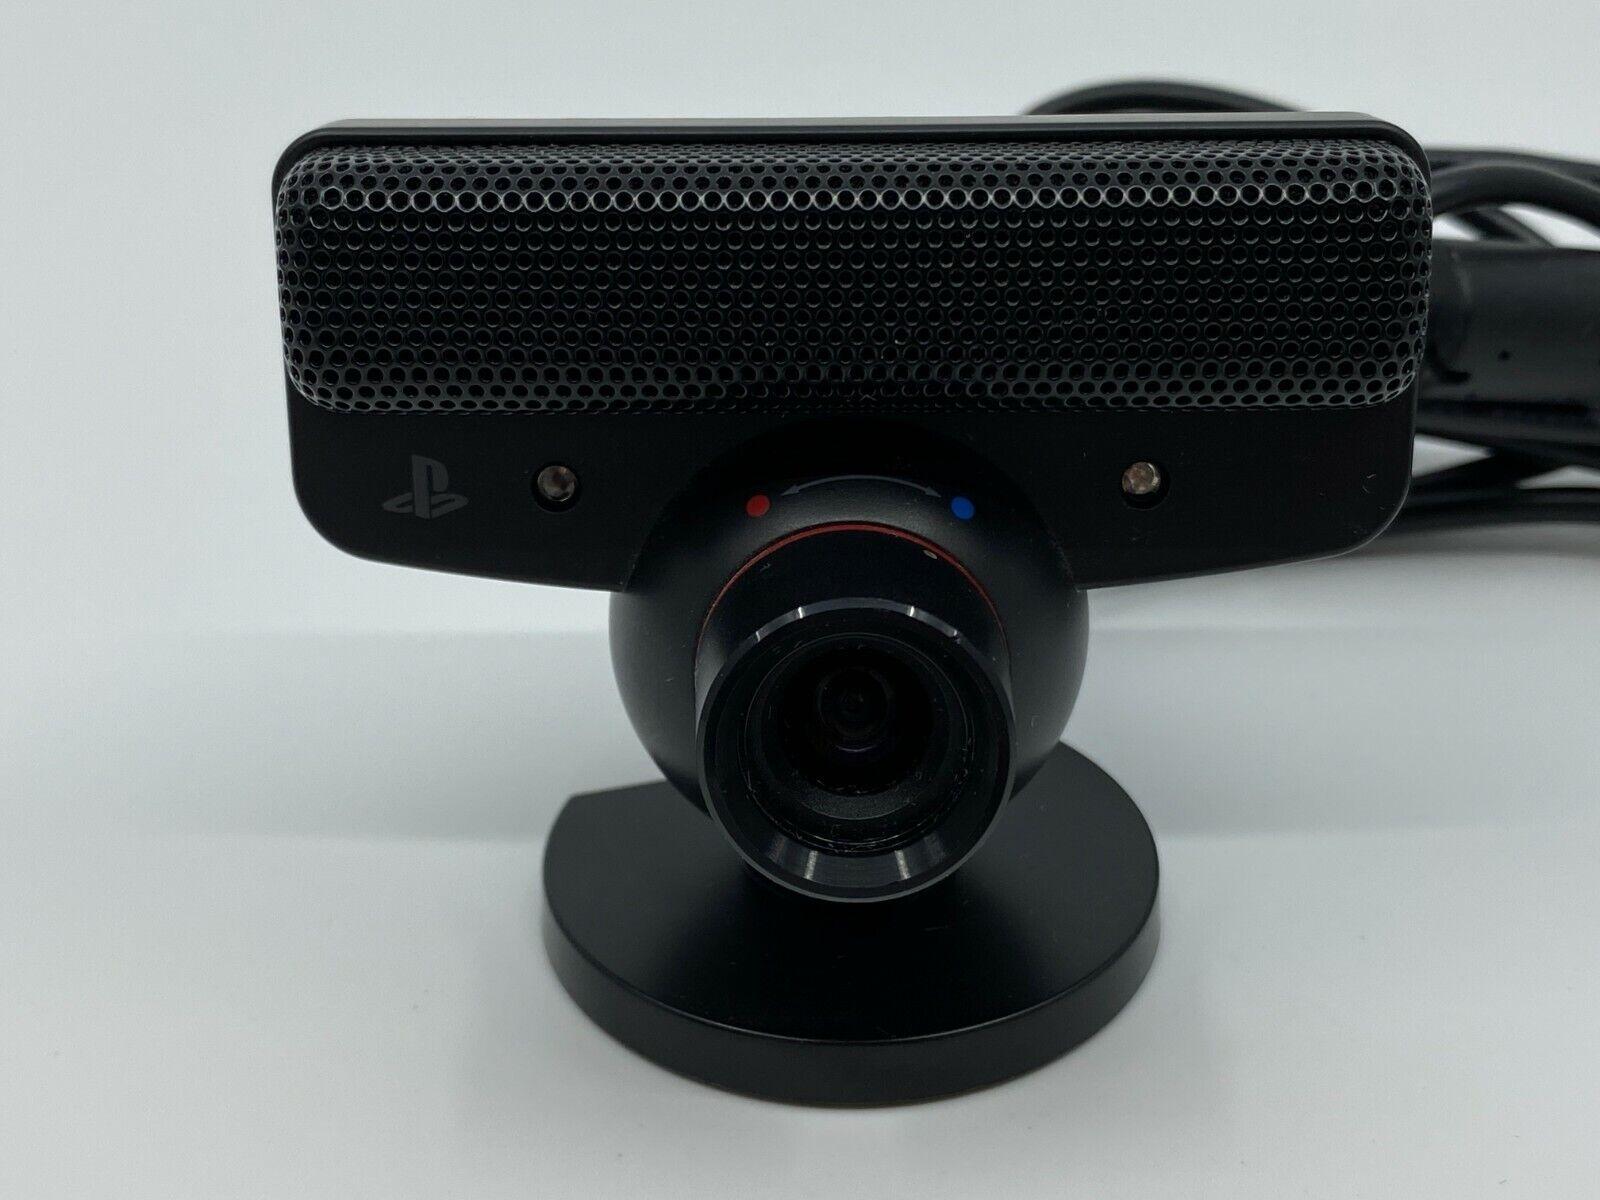 Sony Playstation 3 Eye Camera SLEH-00448